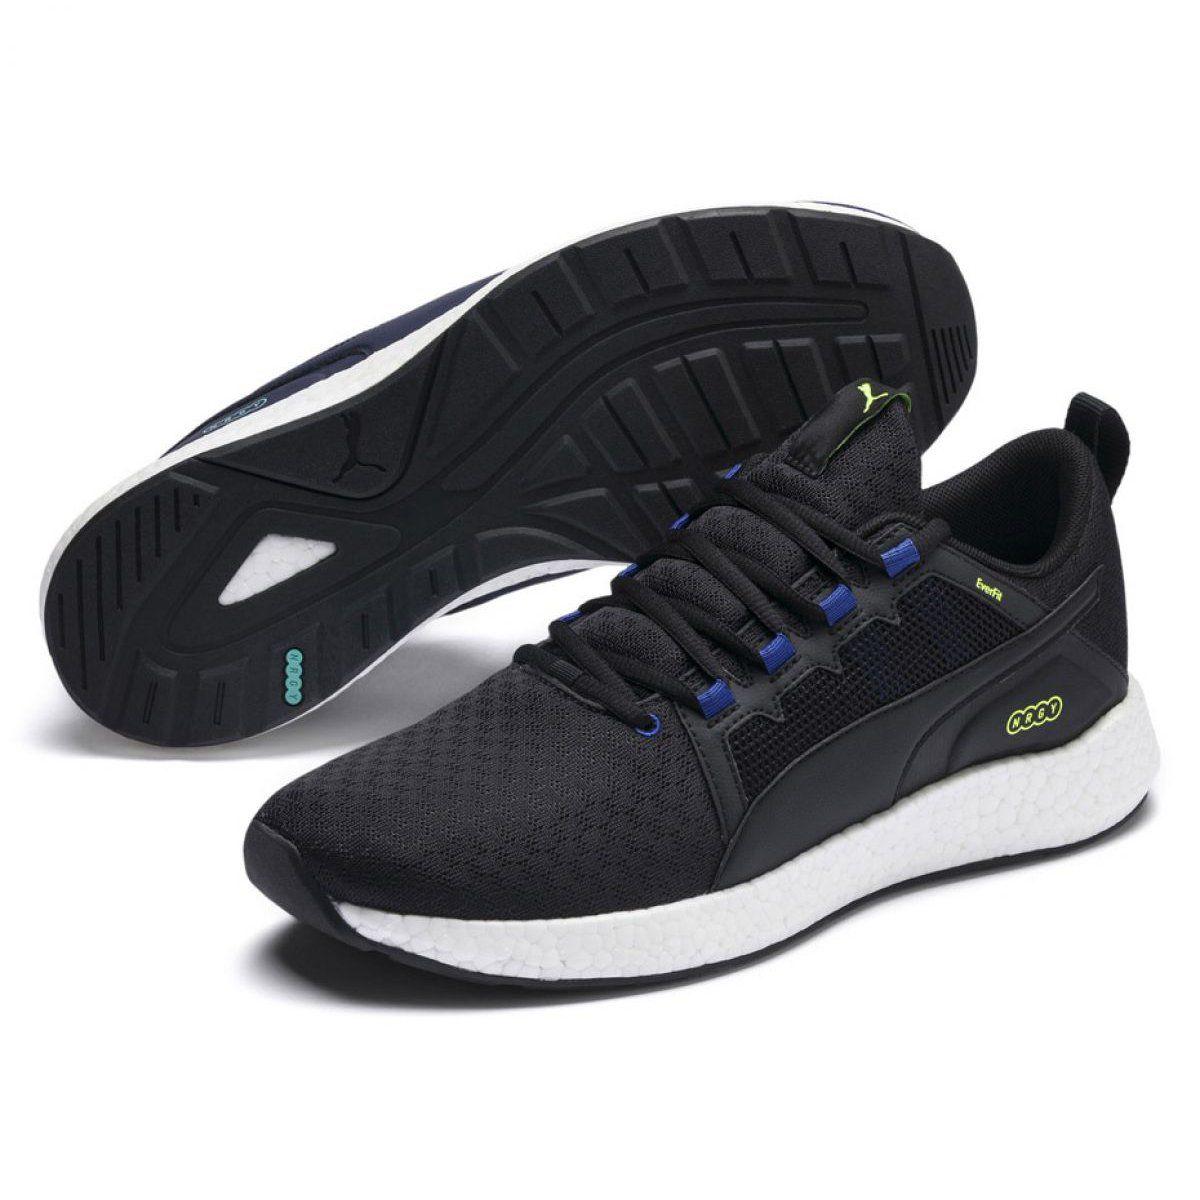 Buty Puma Nrgy Neko Retro M 192520 06 Czarne Puma Running Shoes Puma Shoes